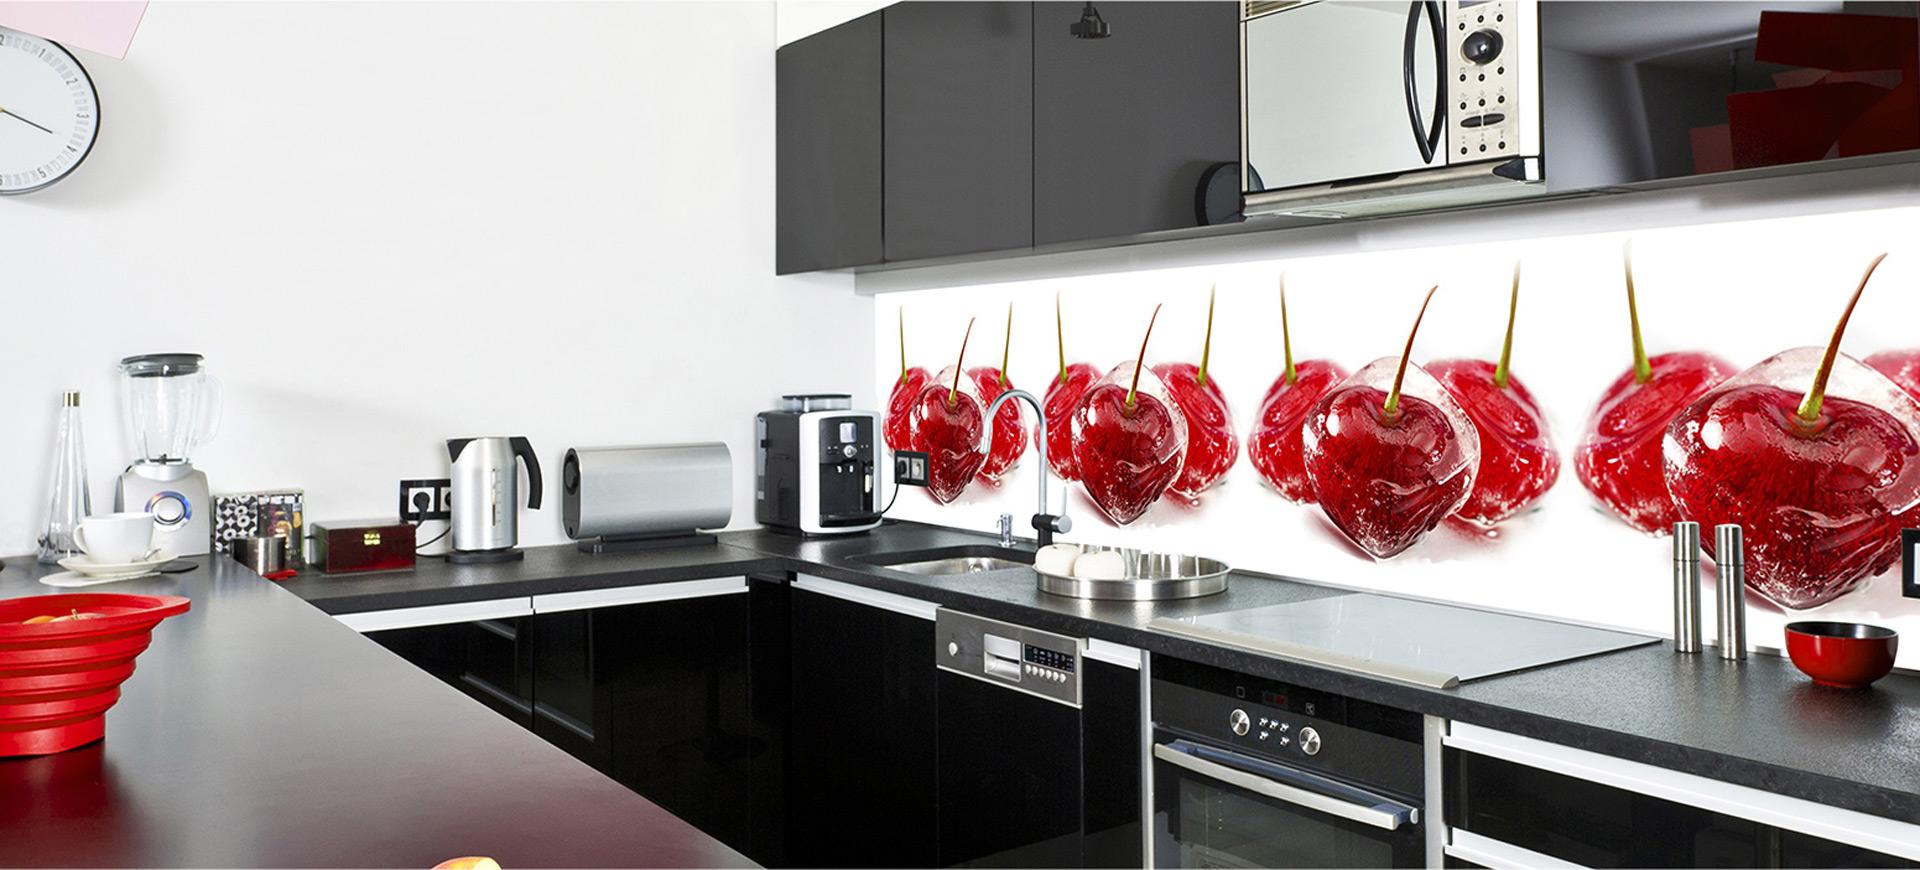 kuhonnyj fartuk s fotopechatyu1 - Фотообои на кухне – создаем оригинальный интерьер